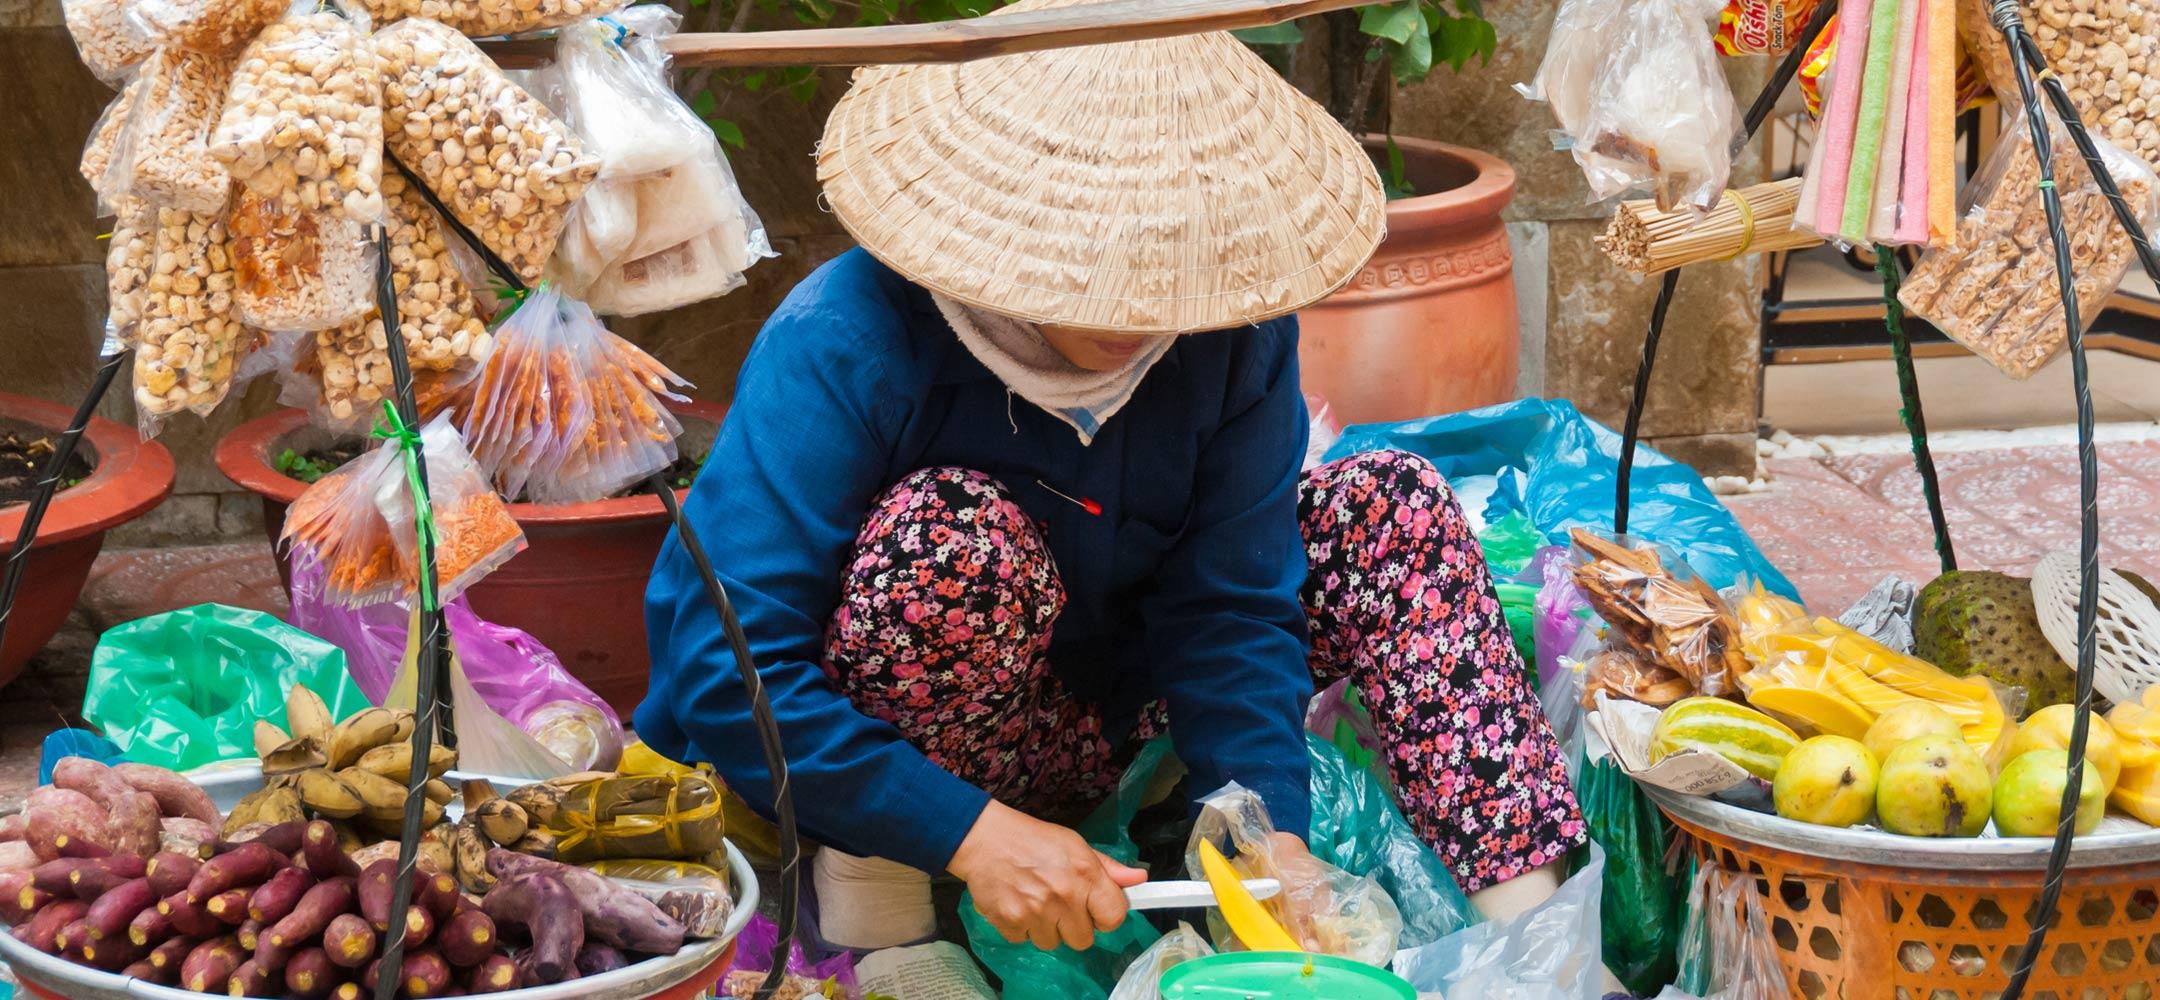 Take a street food tour of Hanoi